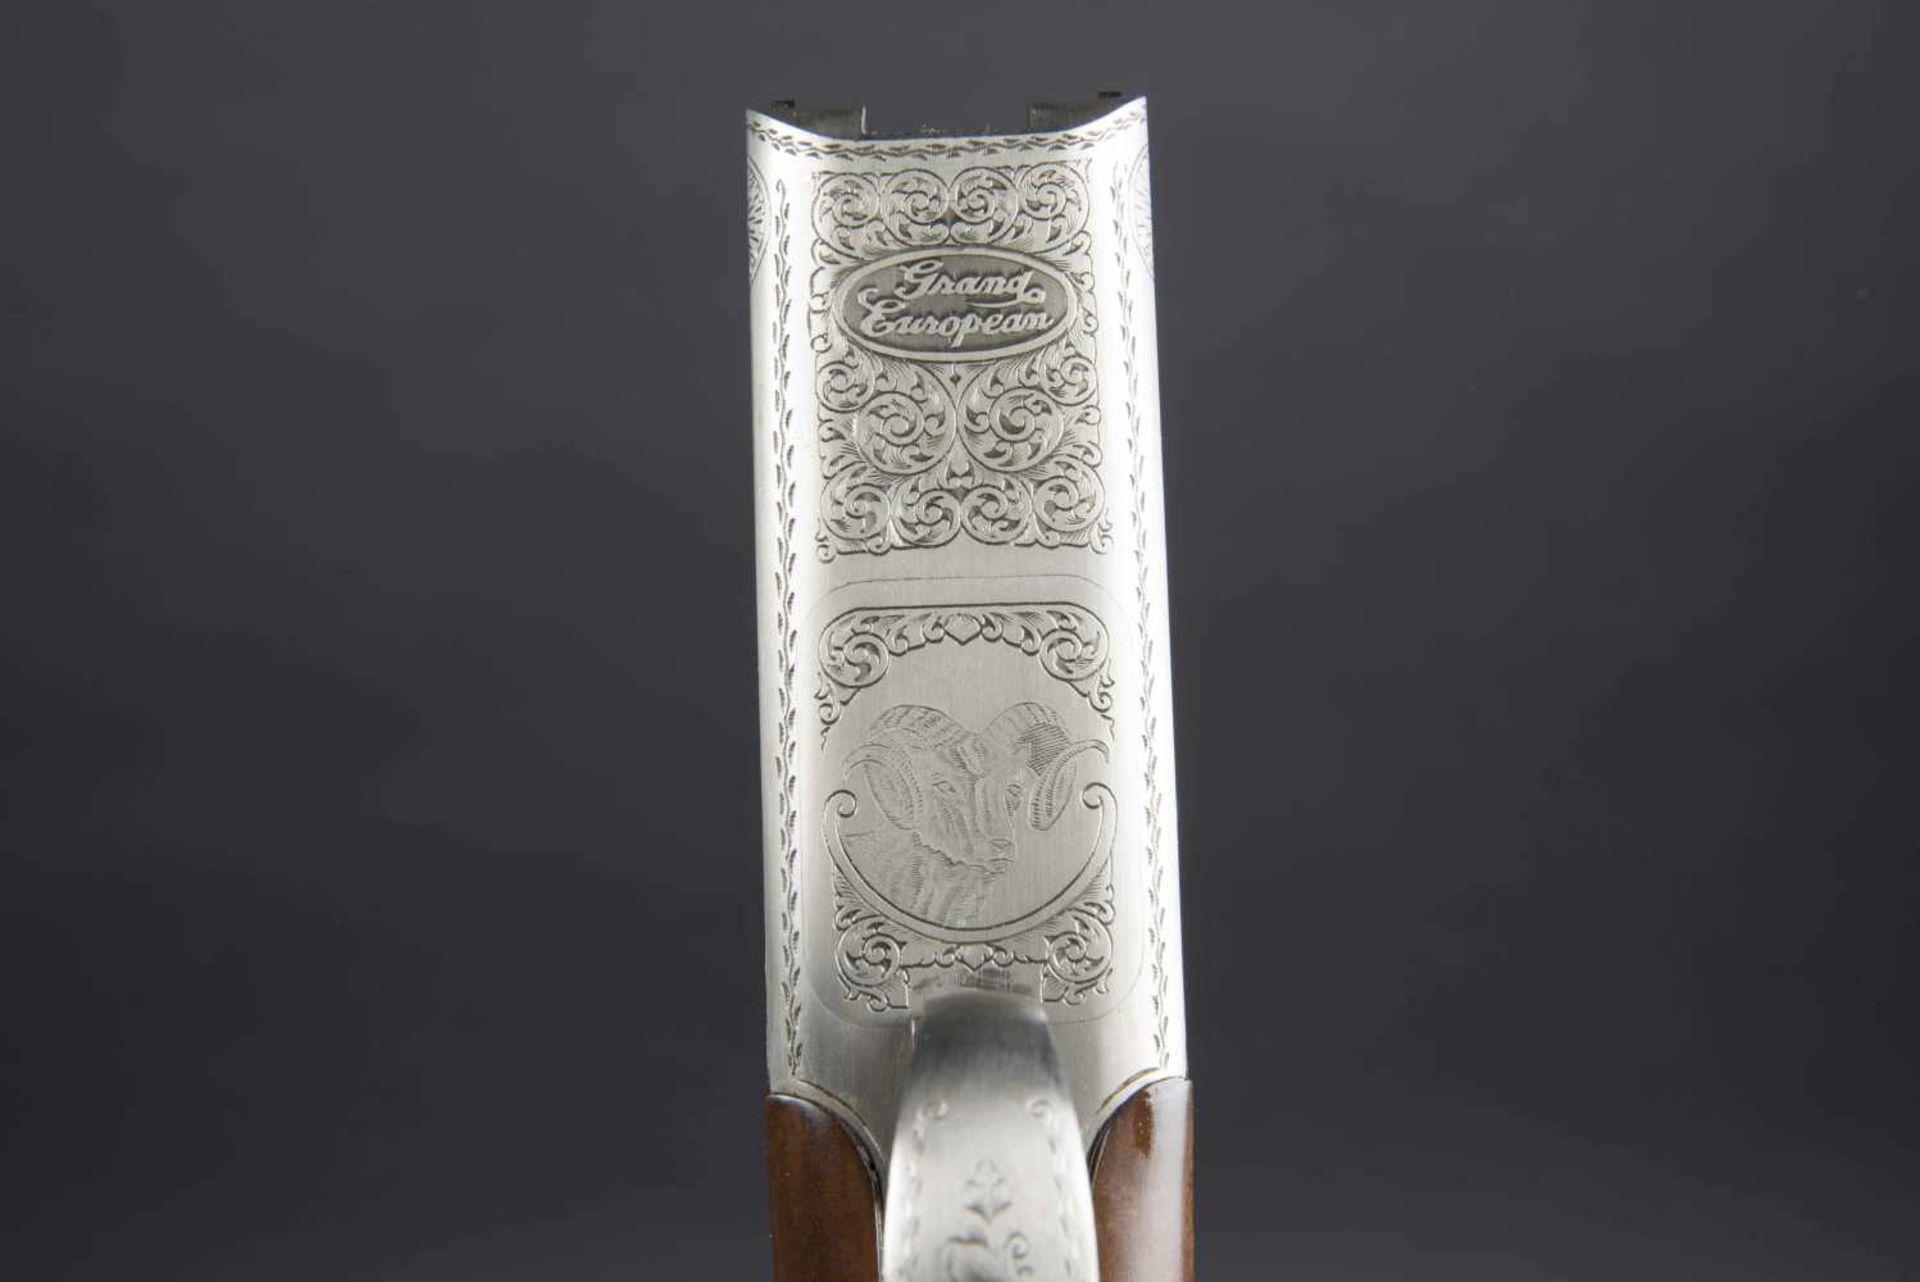 Winchester Catégorie C Grand European XT 9,3x74R/9,3x74R. Parties métalliques ciselées, avec - Bild 4 aus 4